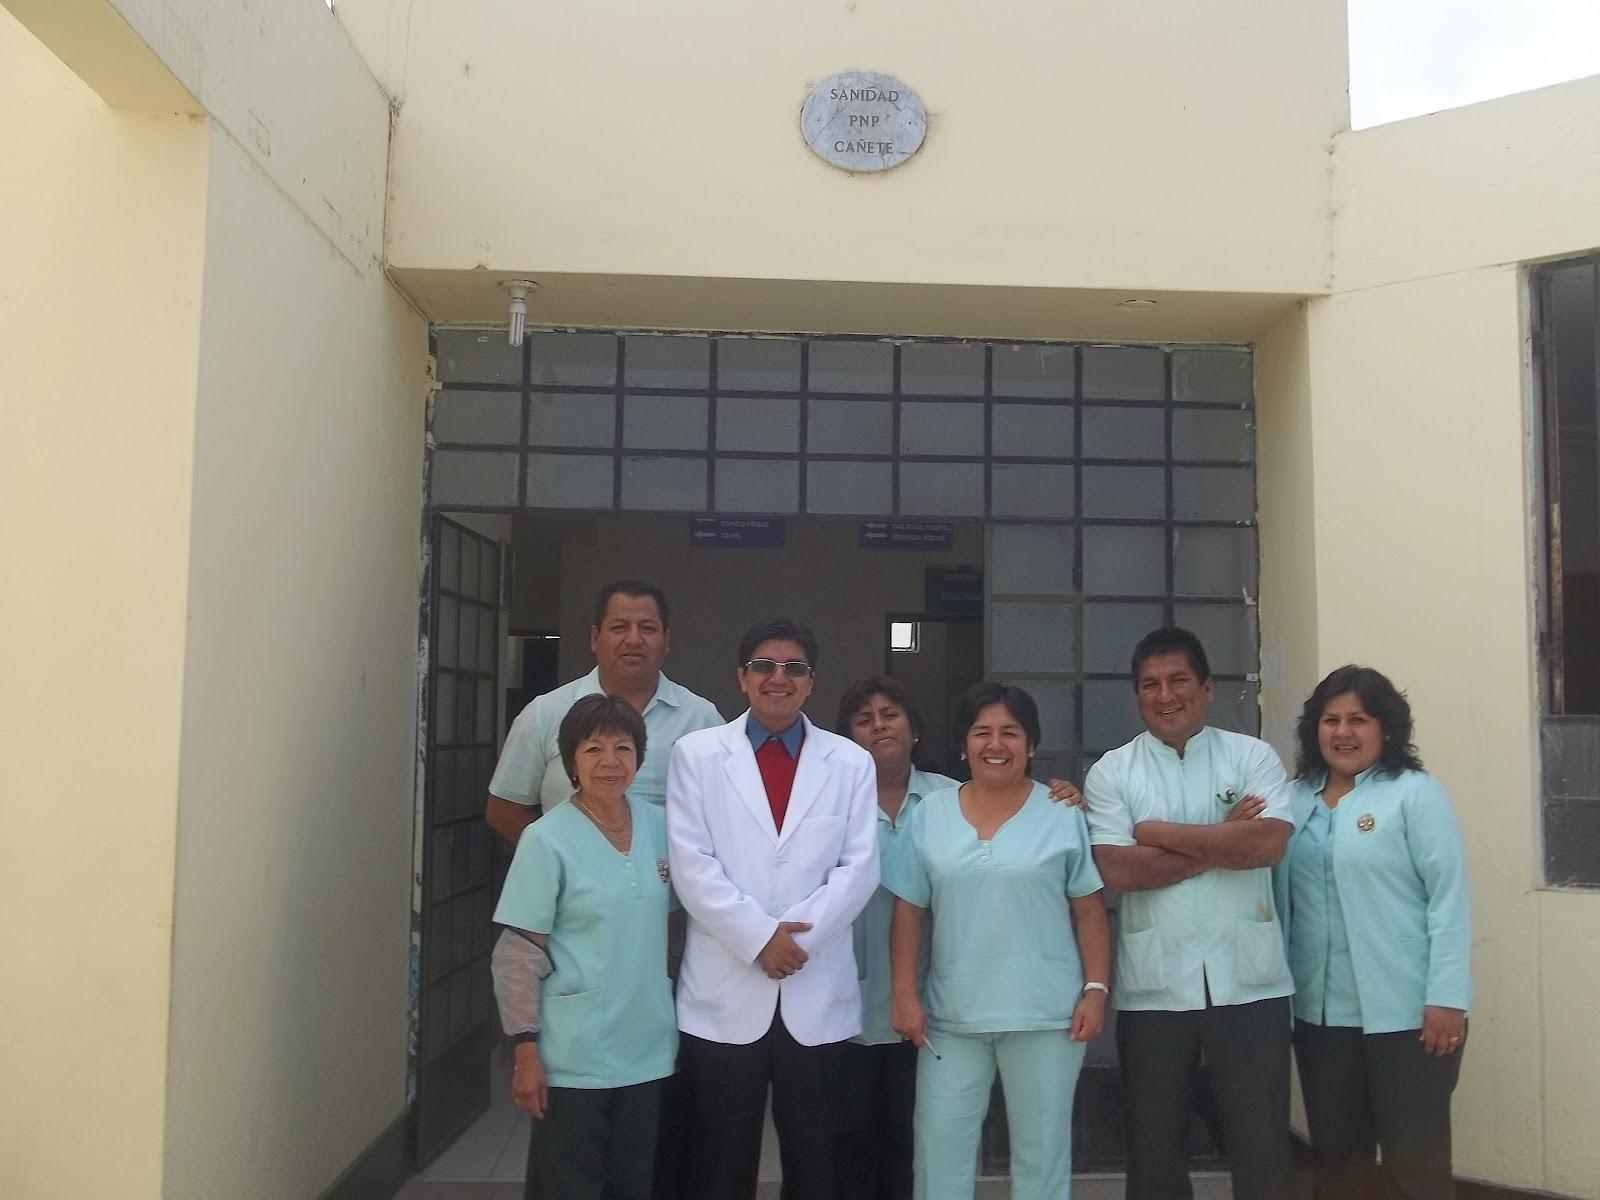 Sanidad PNP Cañete - Lima